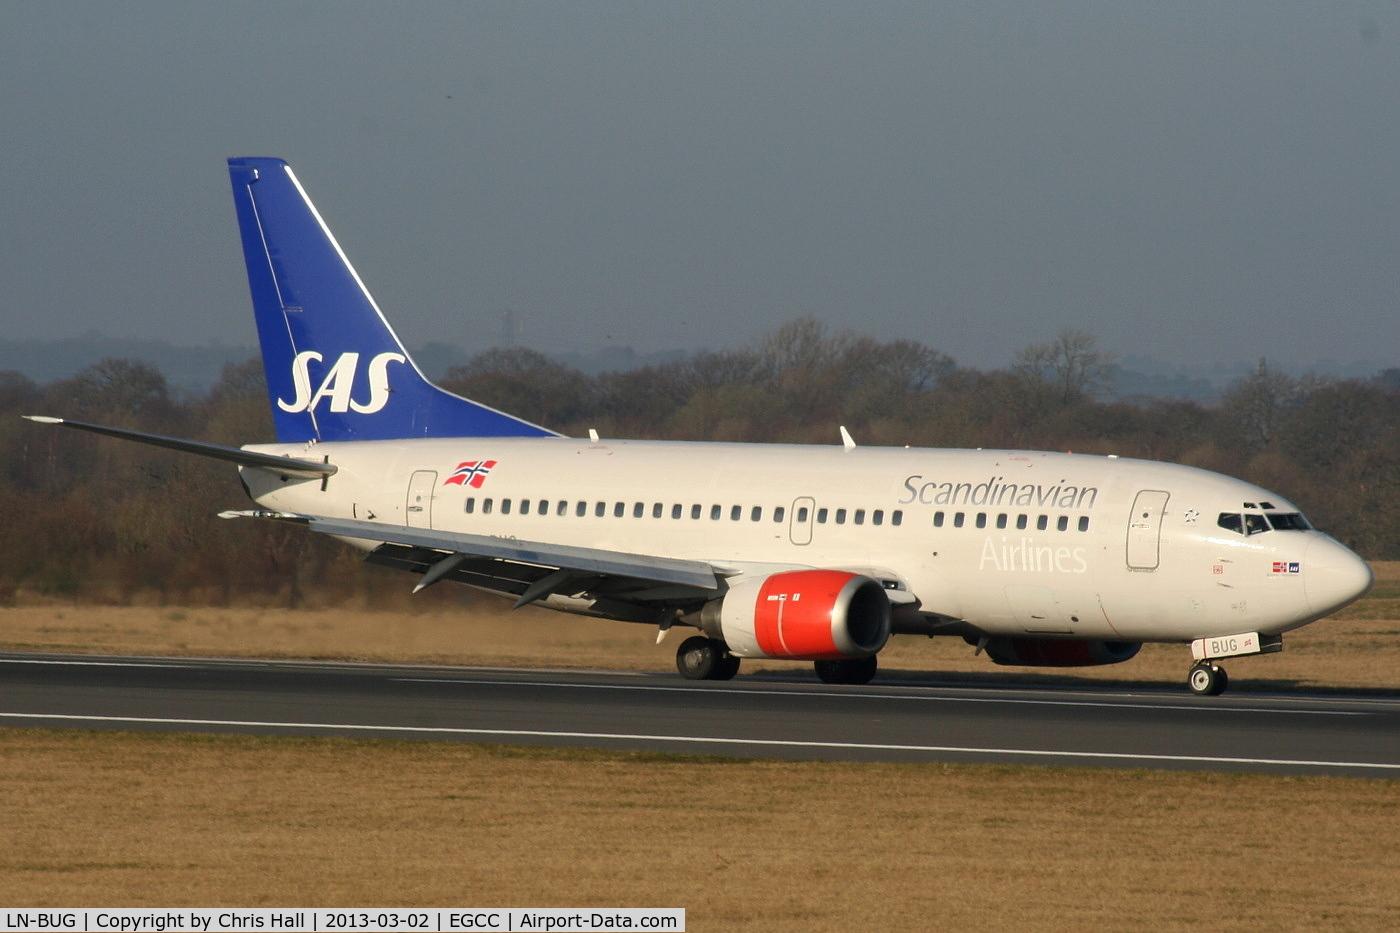 LN-BUG, 1997 Boeing 737-505 C/N 27631, SAS Scandinavian Airlines